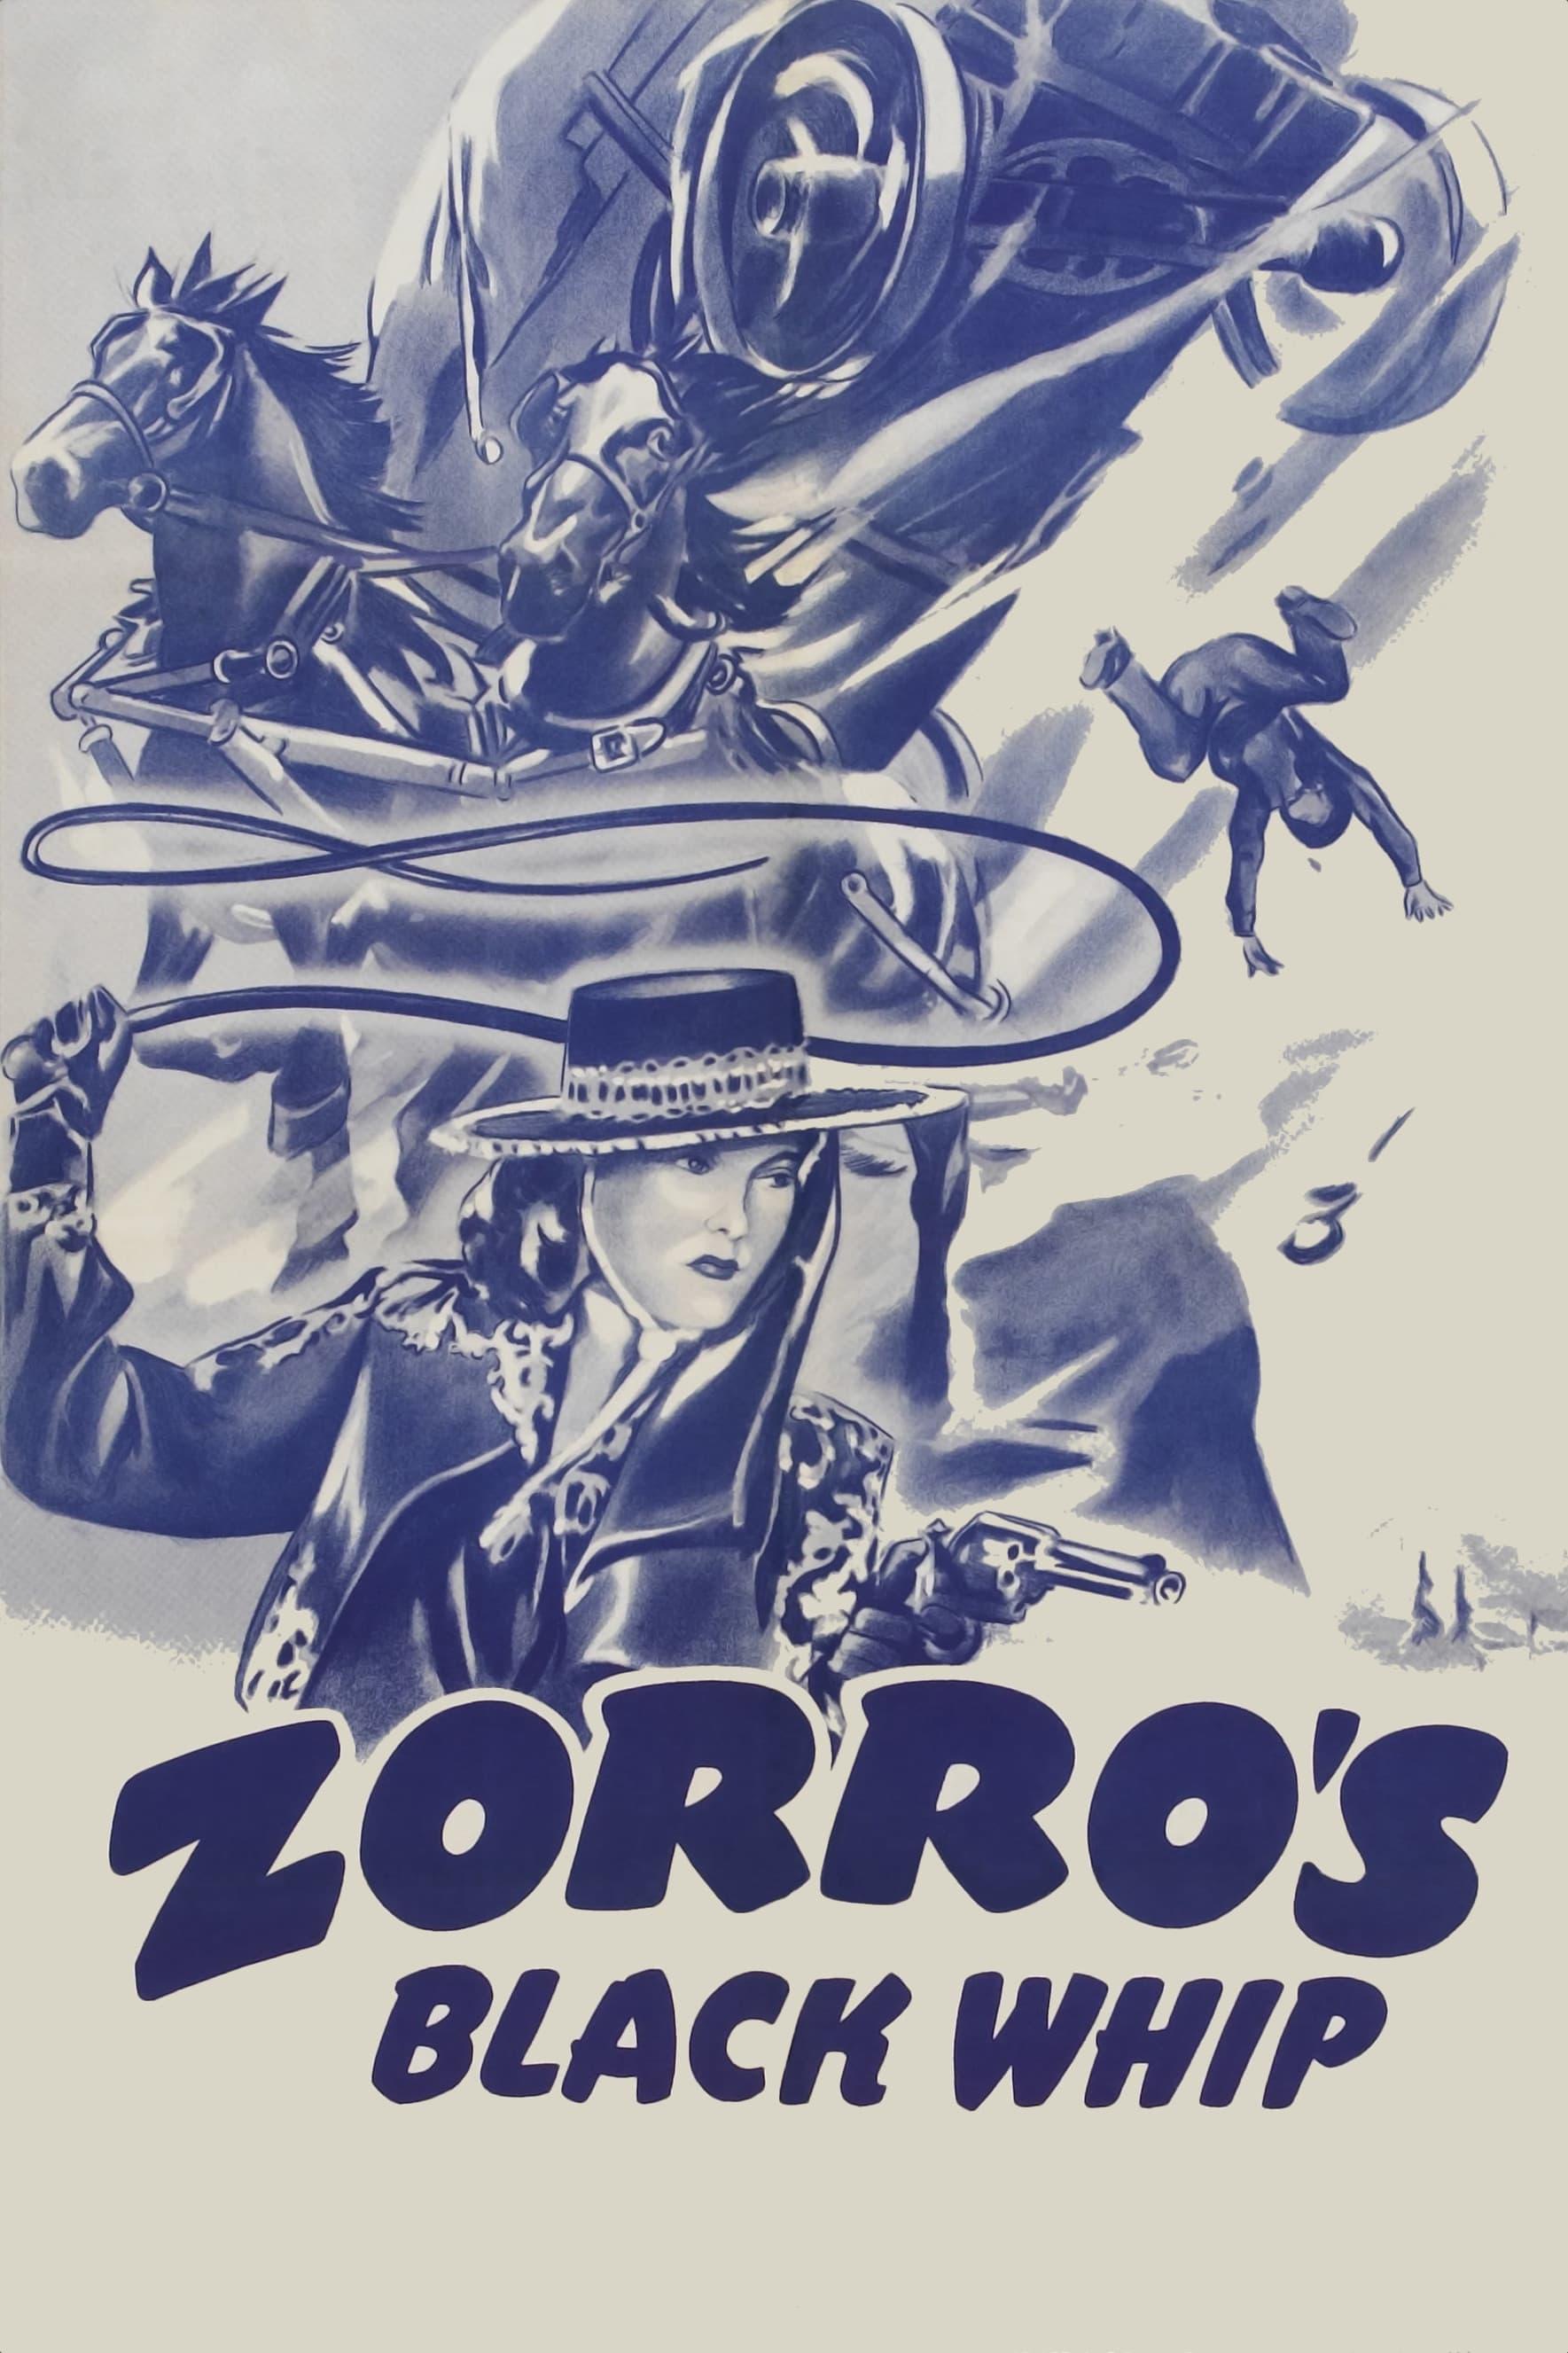 Zorro et la femme au masque noir